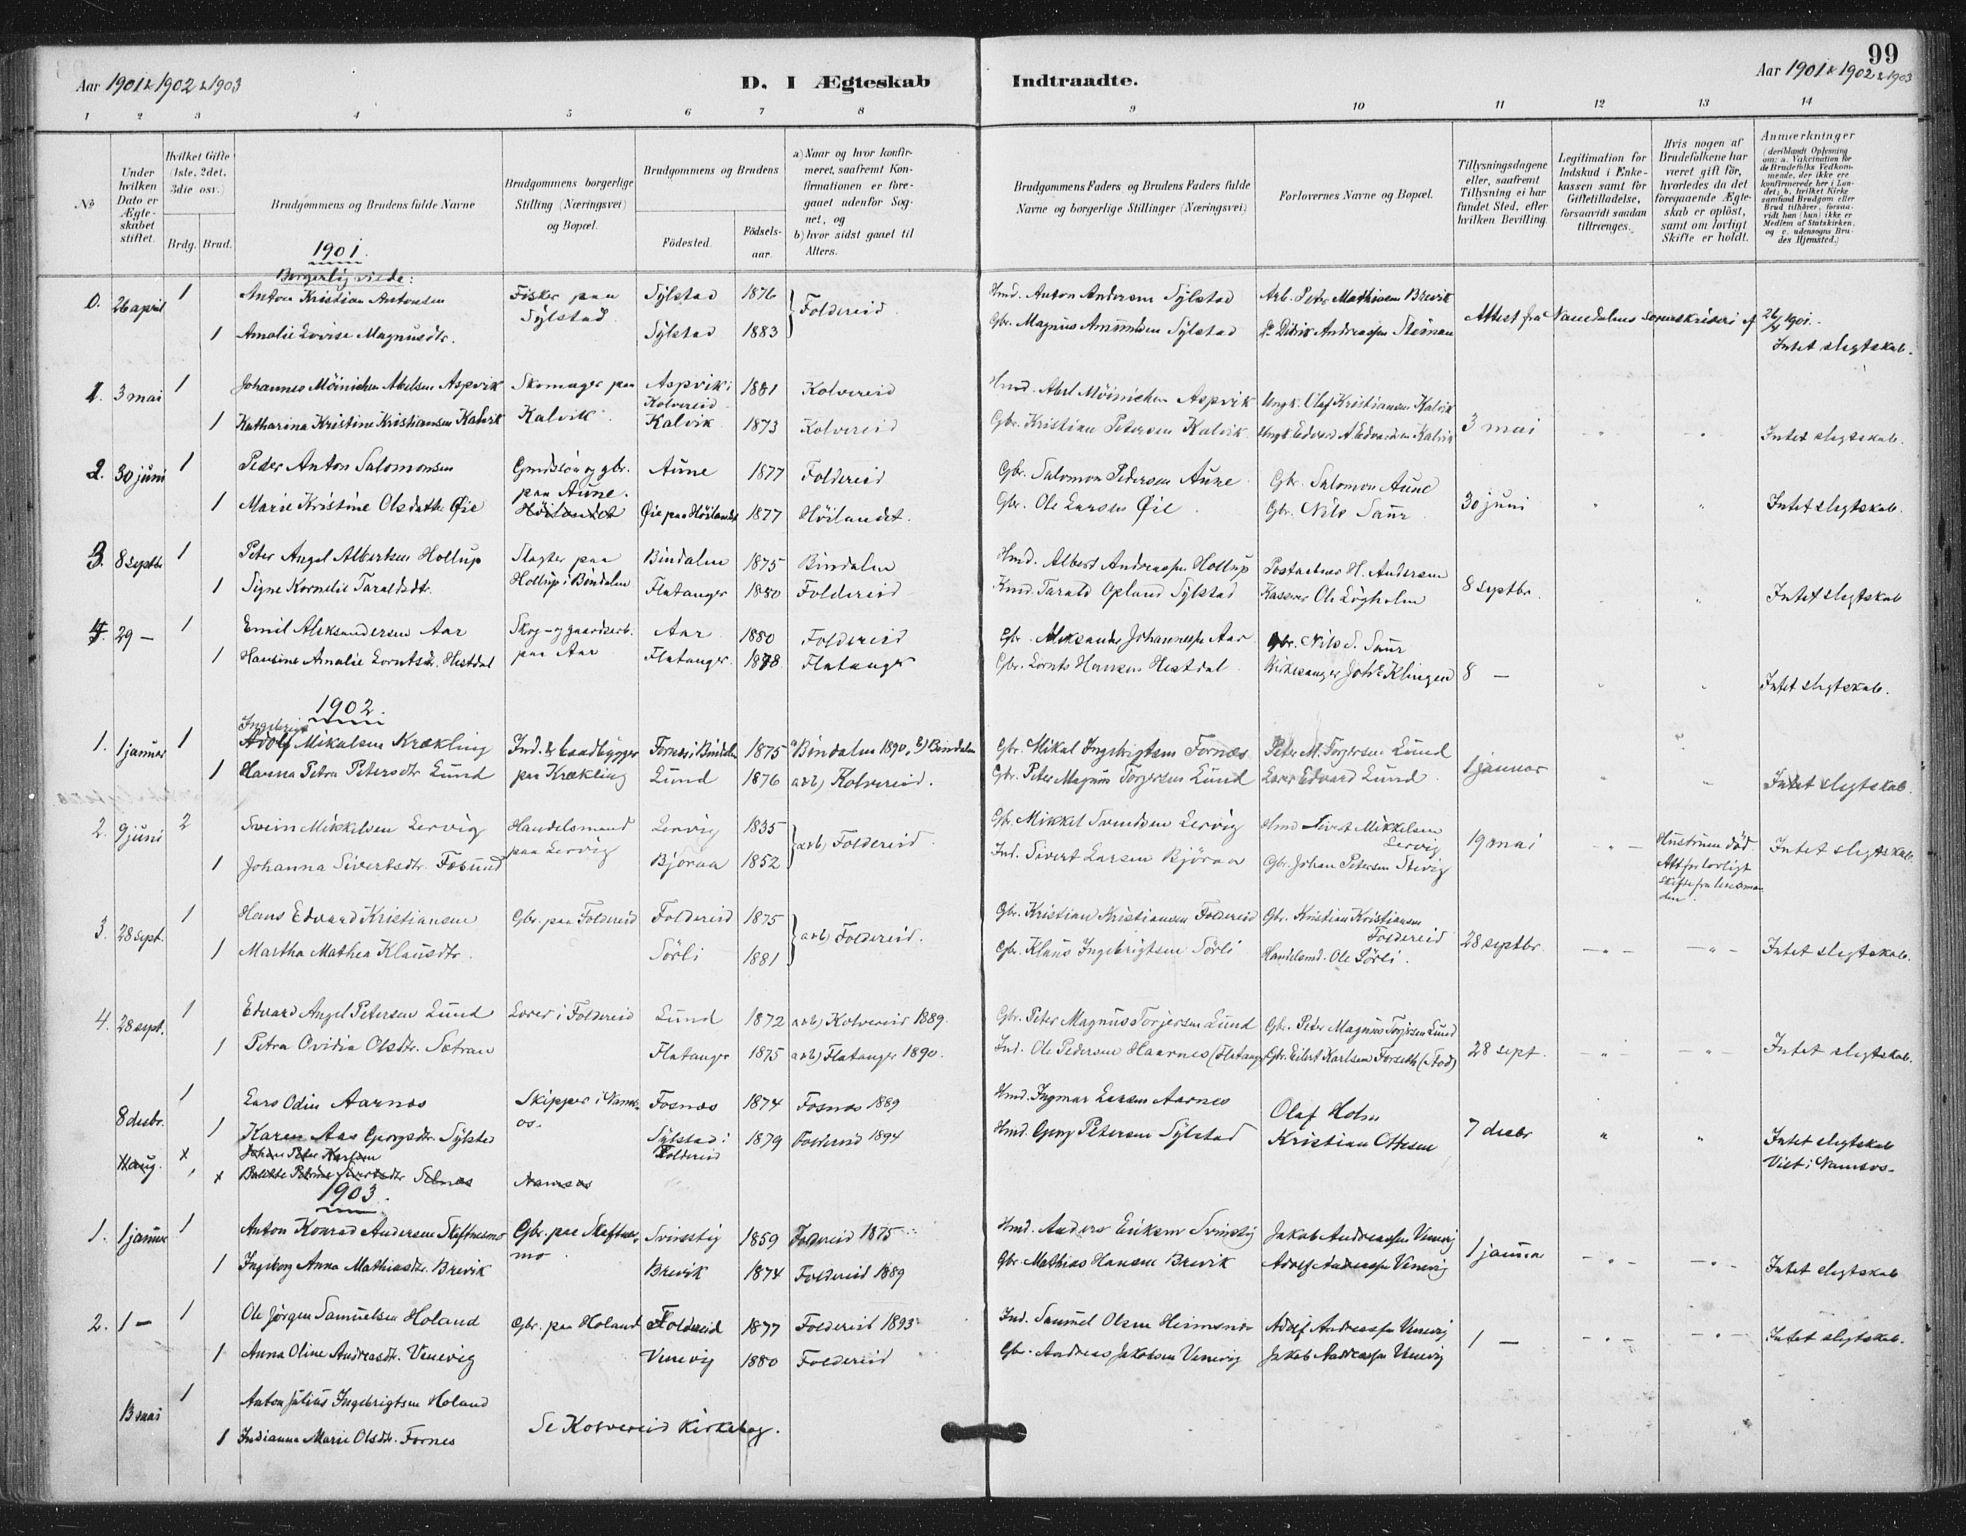 SAT, Ministerialprotokoller, klokkerbøker og fødselsregistre - Nord-Trøndelag, 783/L0660: Ministerialbok nr. 783A02, 1886-1918, s. 99